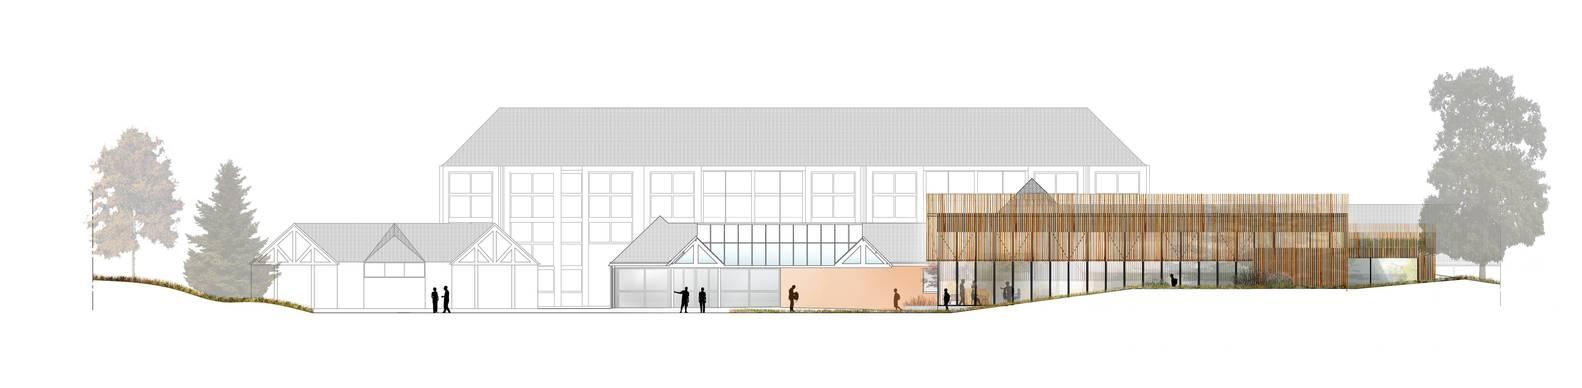 学校食堂建筑外立面彩色草图设计